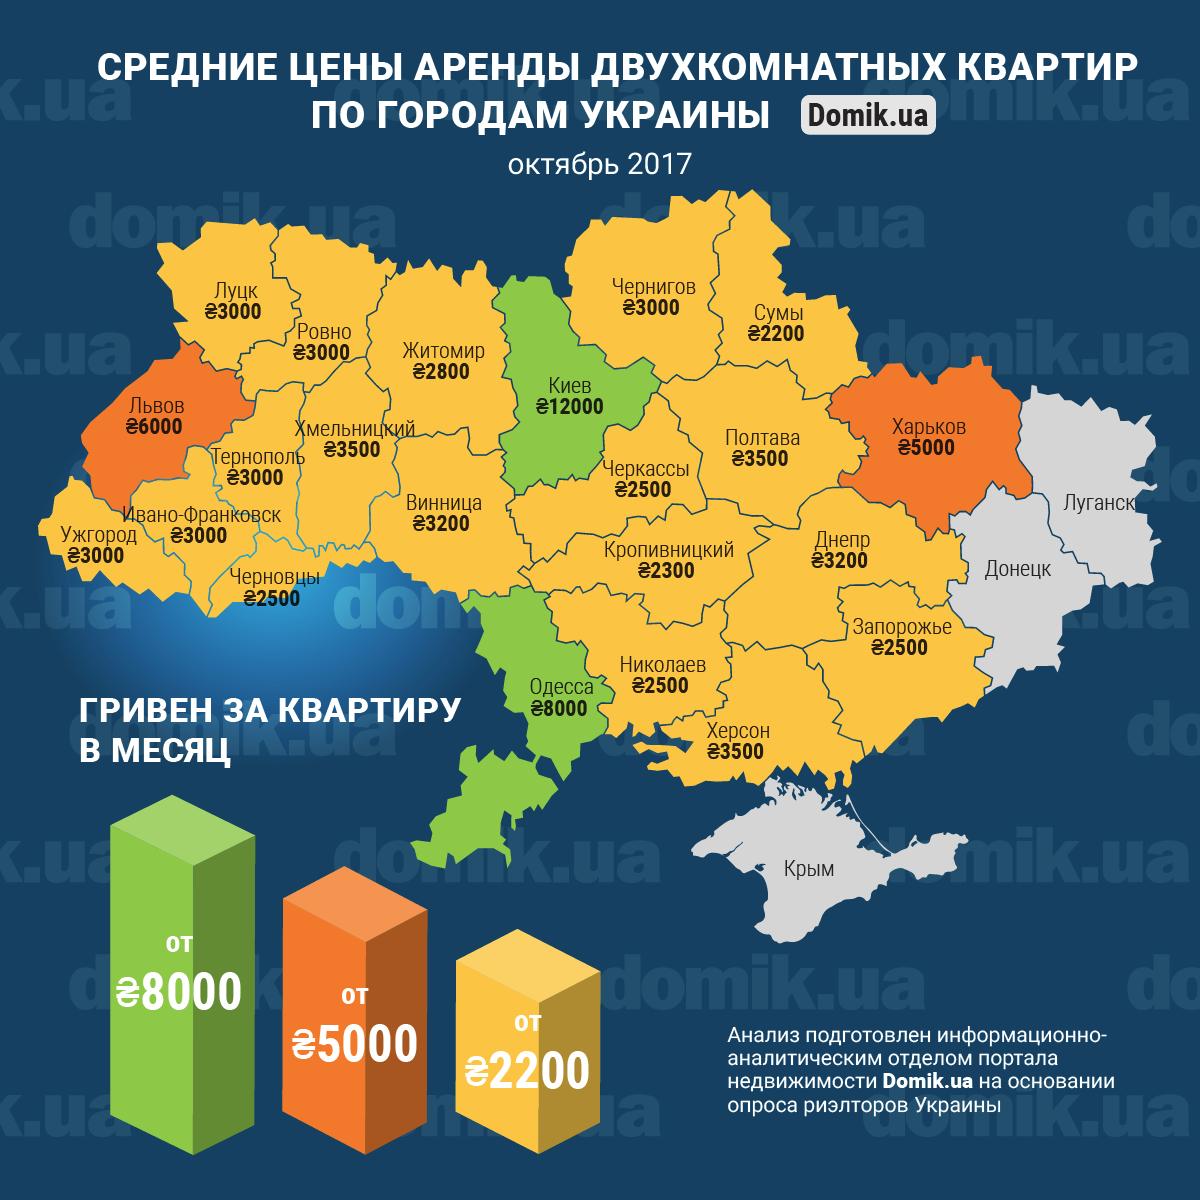 цены на проституток в разных городах украины